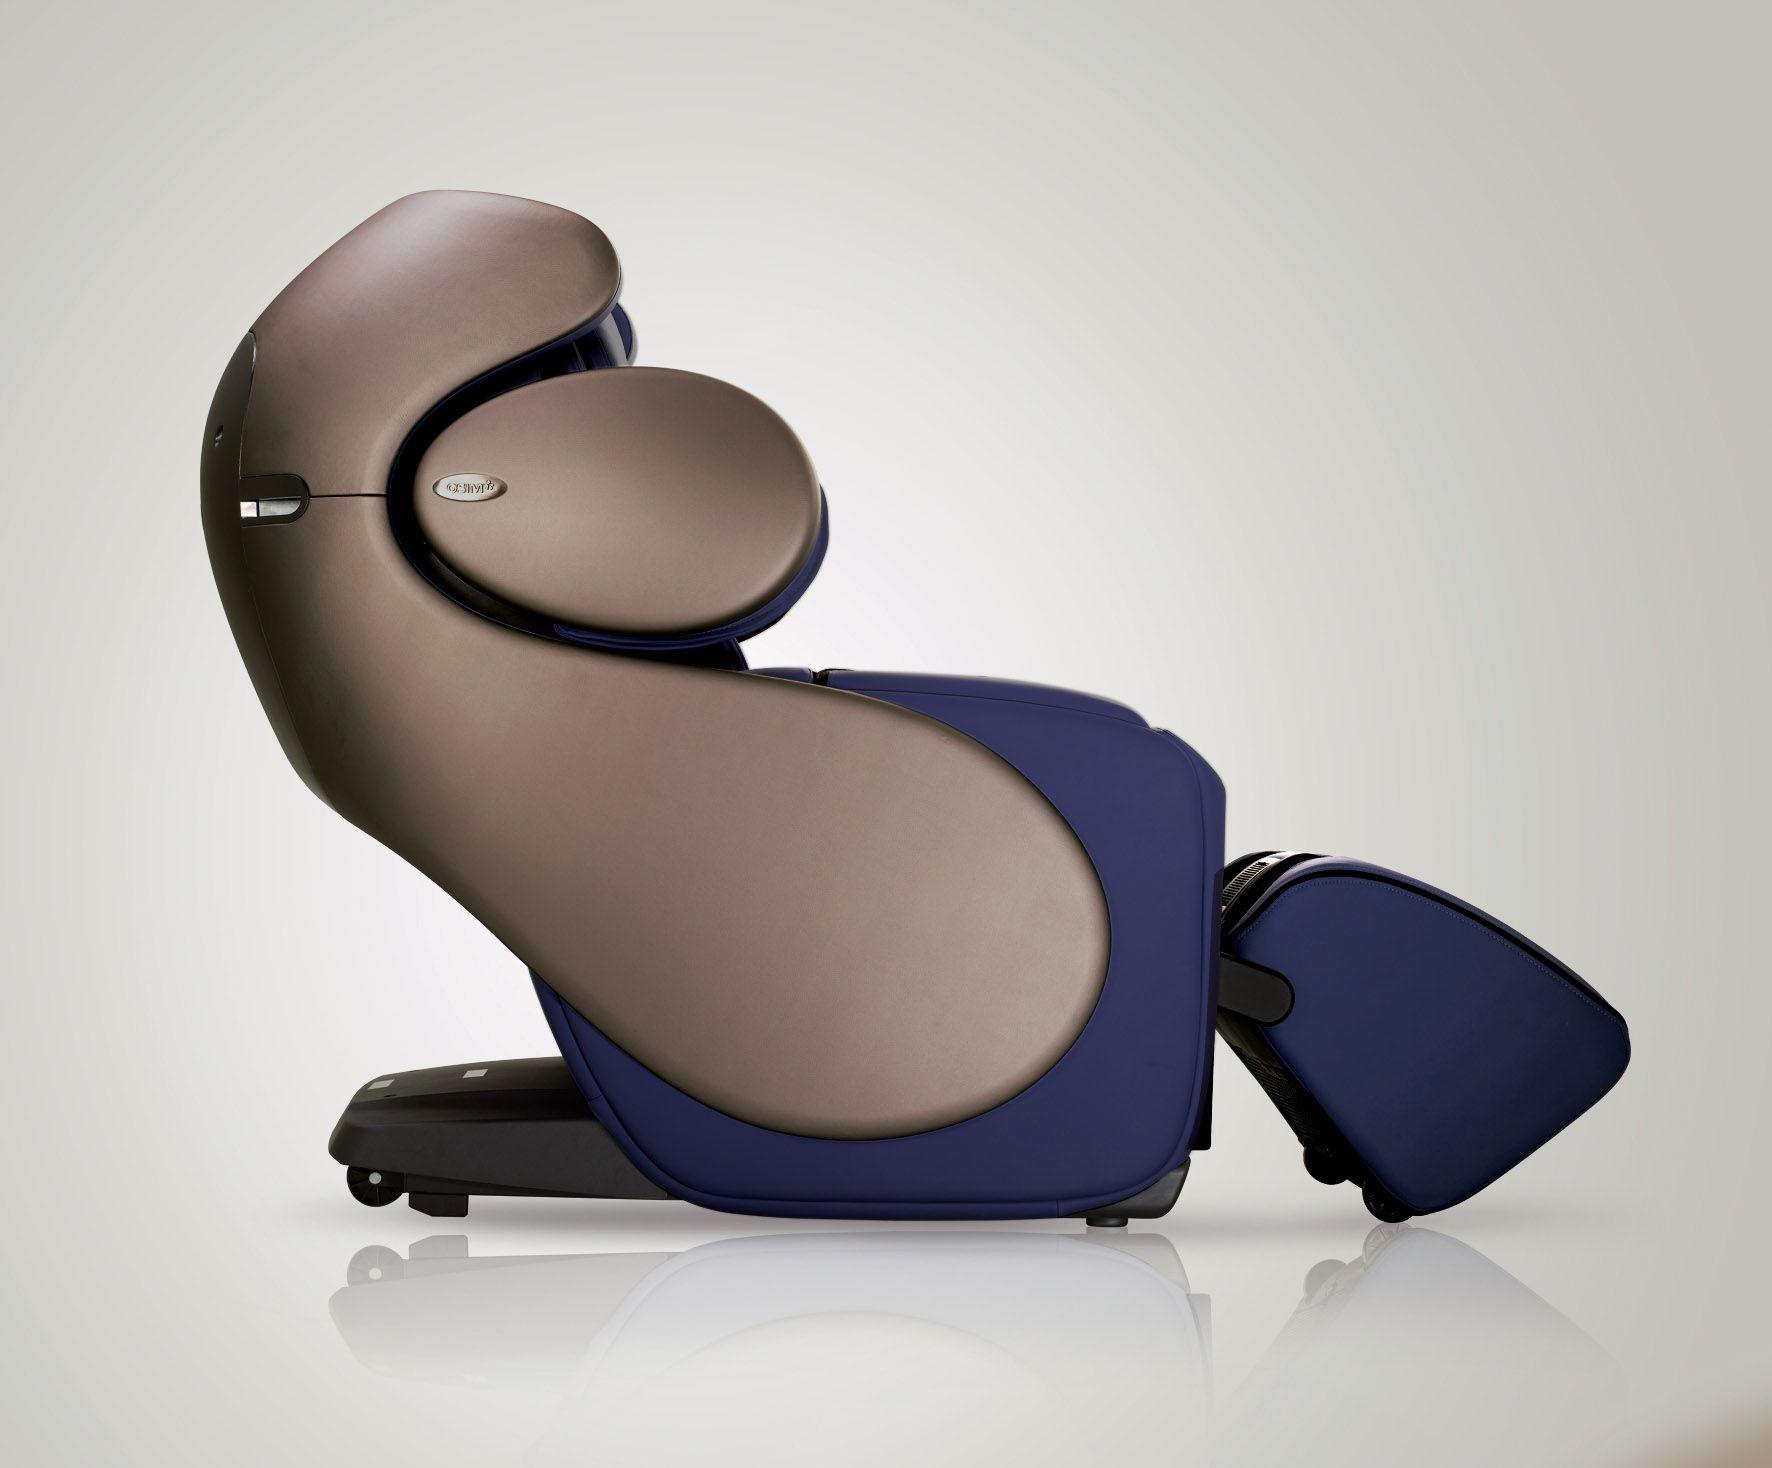 Fauteuil de massage design top luxe uDivine OSIM